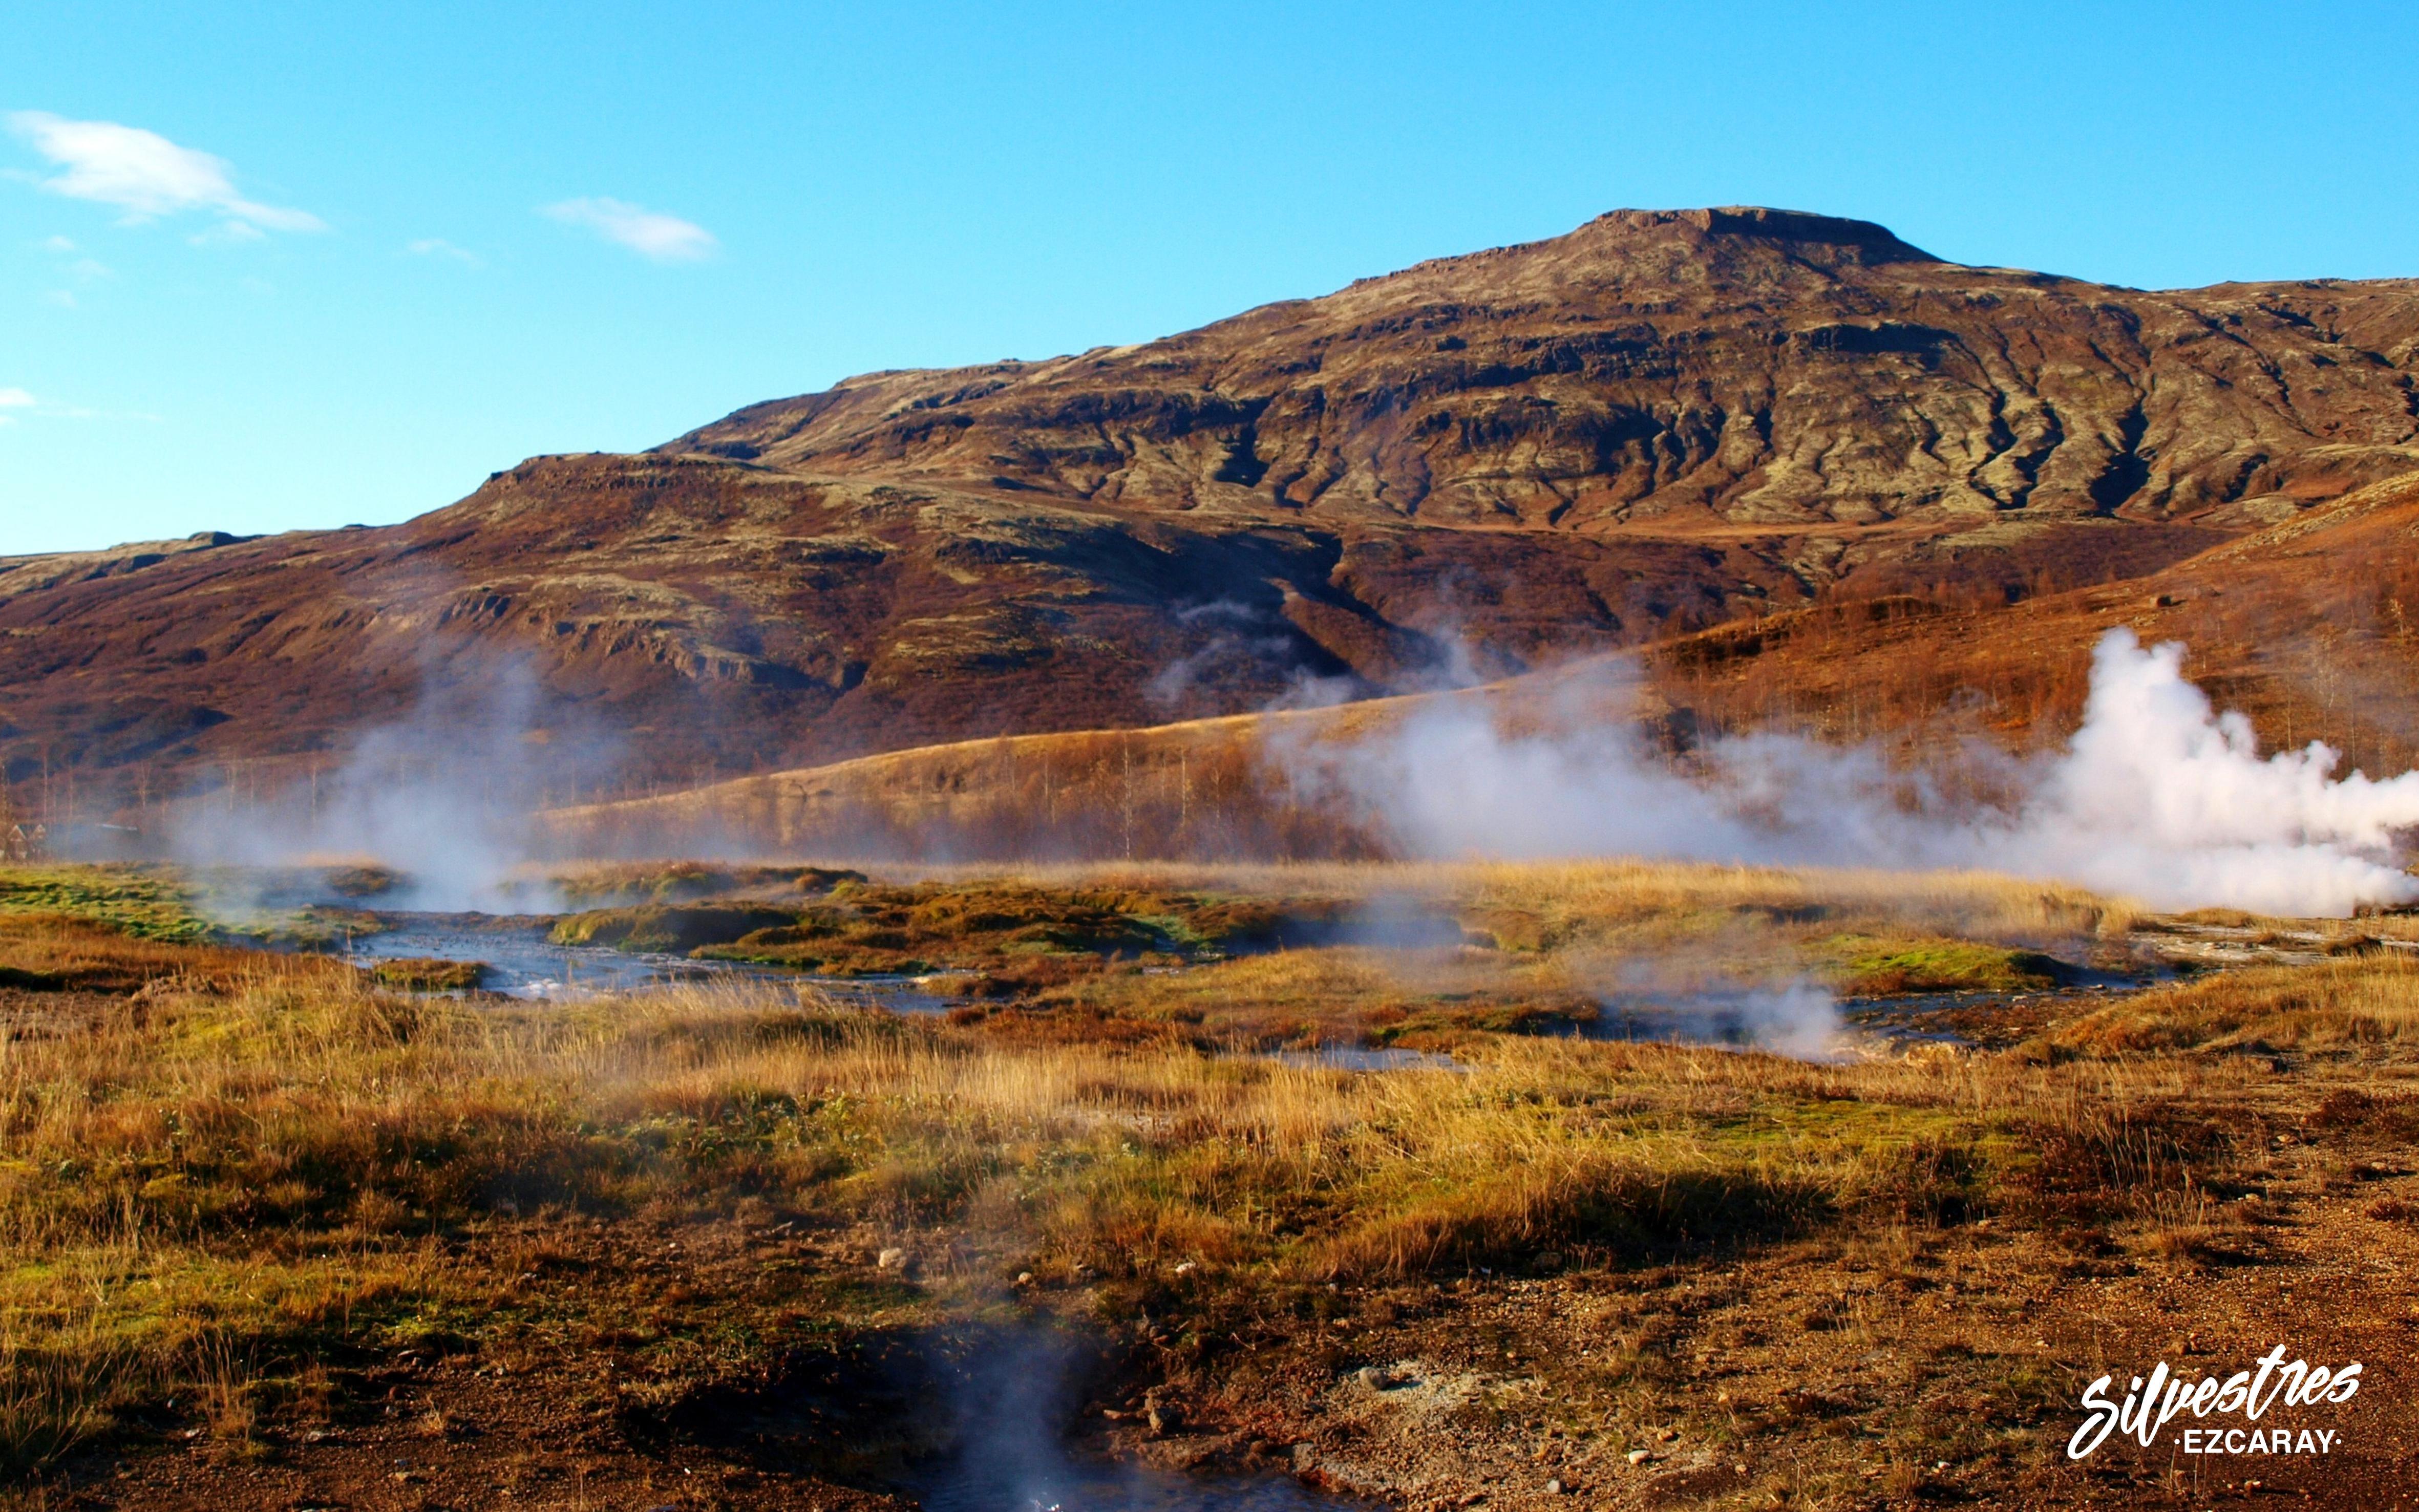 vulcanismo_volcanes_geiseres_geología_islandia_circulo_dorado_ruta_viajar_paisajes_energia_geotermica